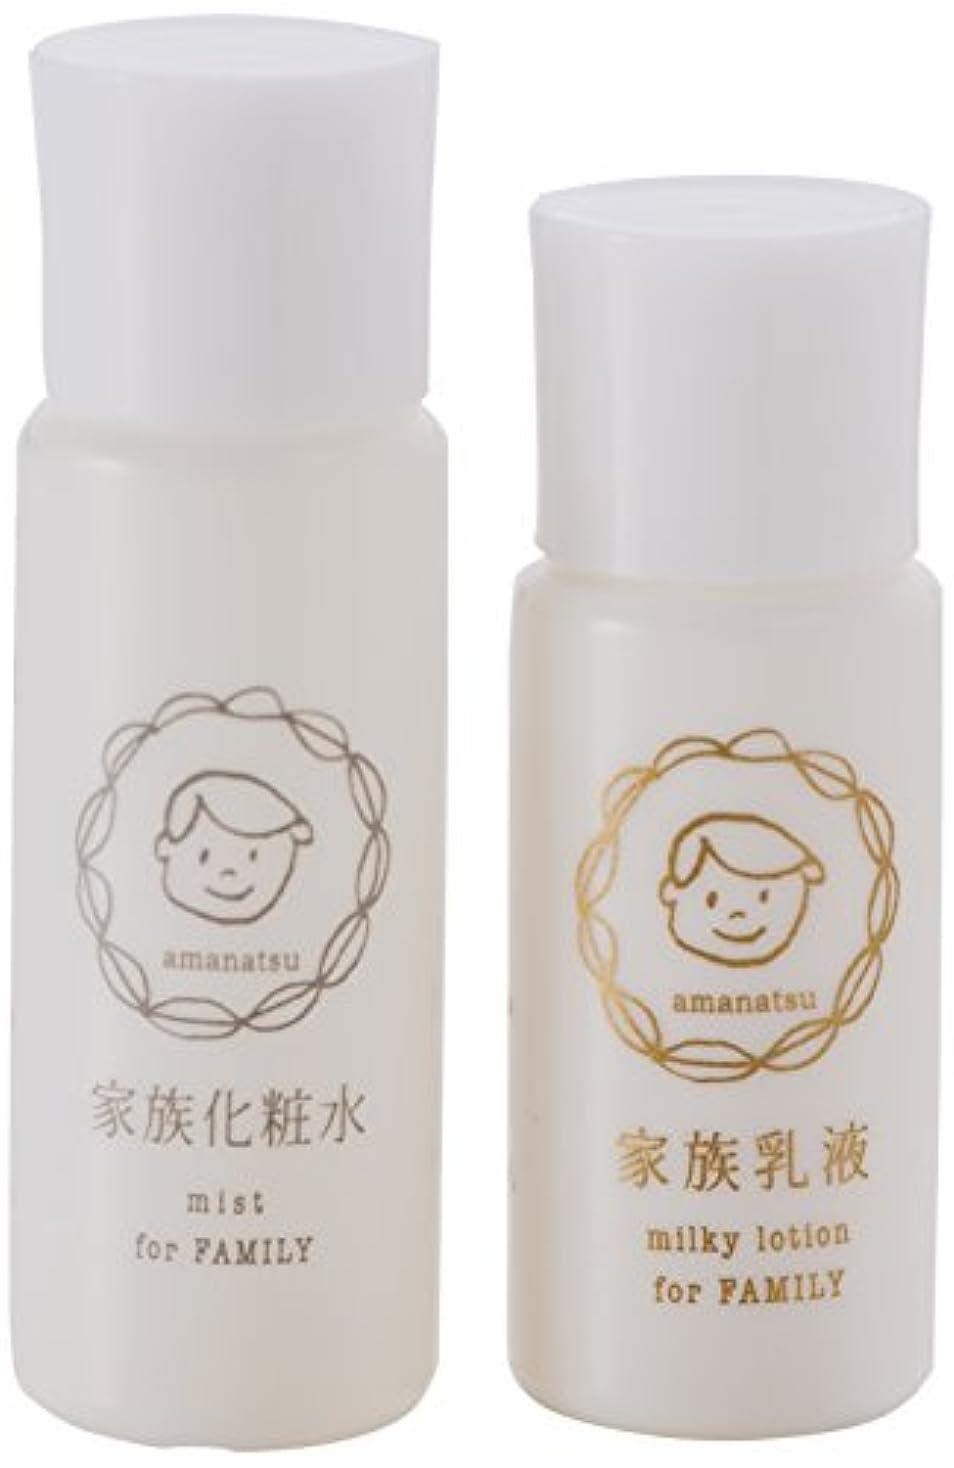 ポータルディレクトリおなかがすいたyaetoco トライアルセット(化粧水?乳液) 甘夏10ml/8ml